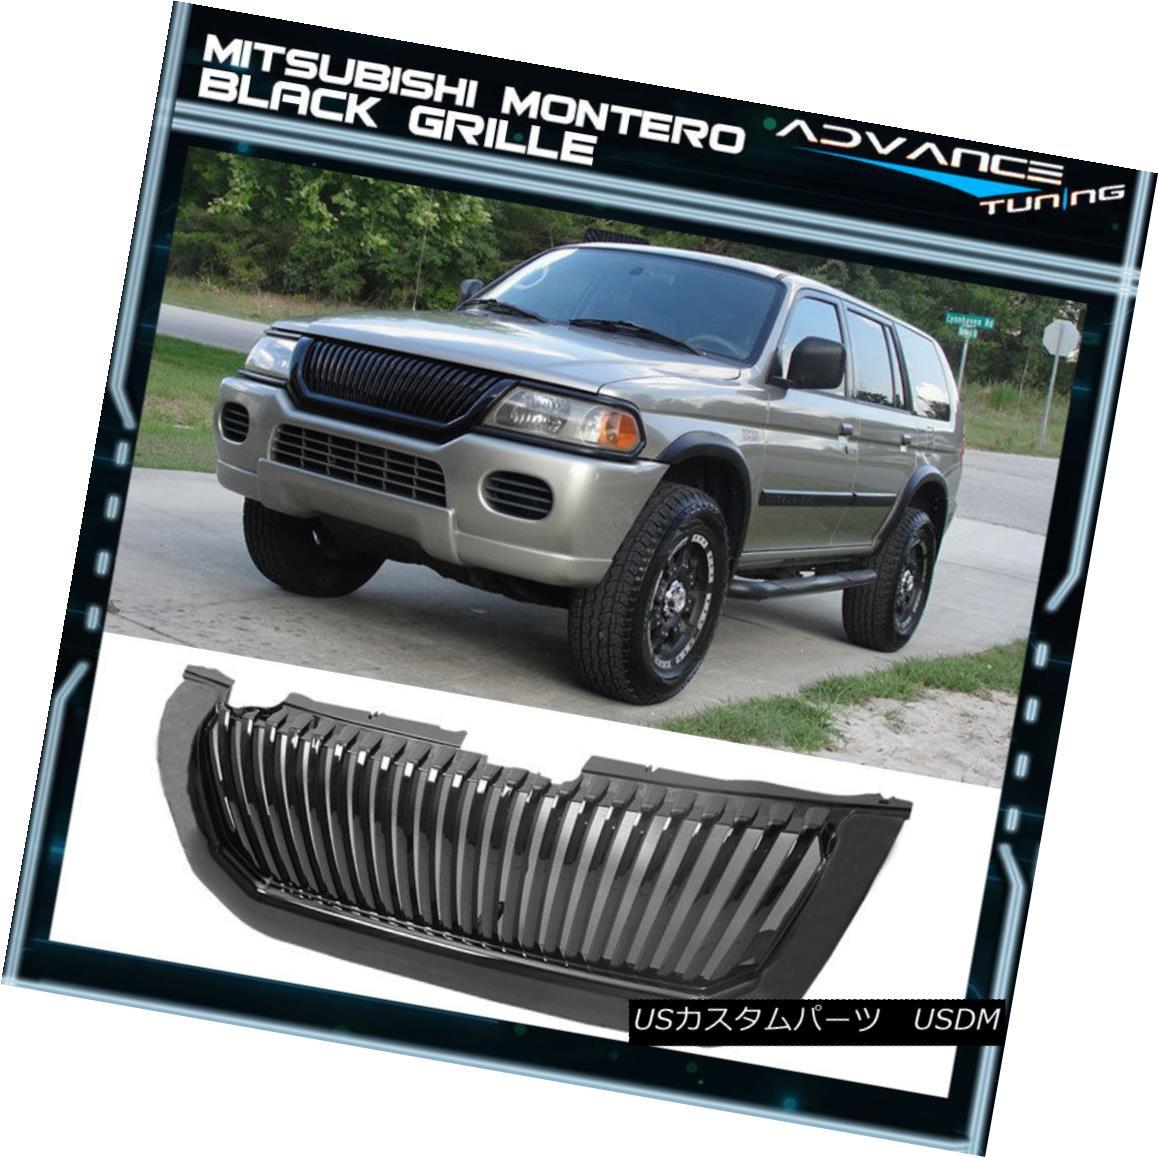 グリル Fits 00-04 Mitsubishi Montero Black VERTICAL Grille Brand New フィット00?04三菱モンテロブラックVERTICALグリルブランドニュー